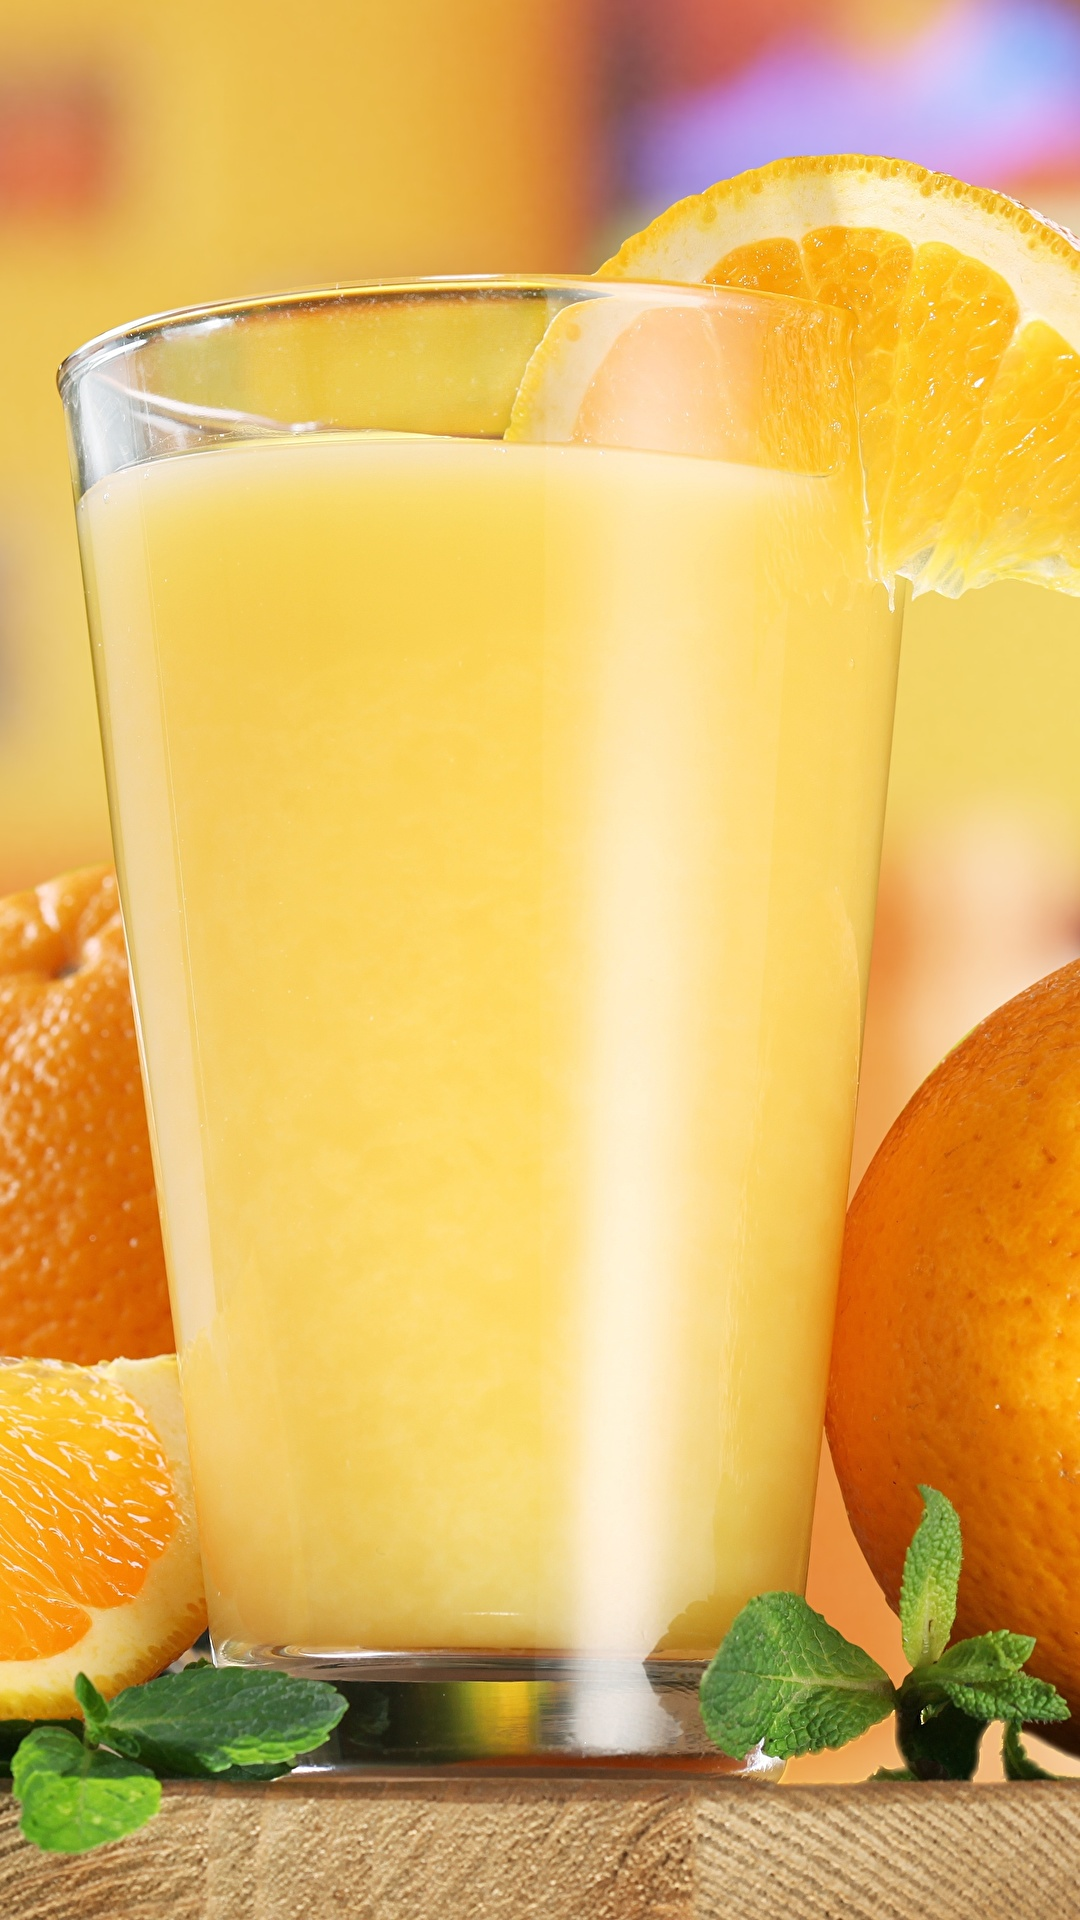 Обои Сок Апельсин Стакан Еда 1080x1920 стакана стакане Пища Продукты питания